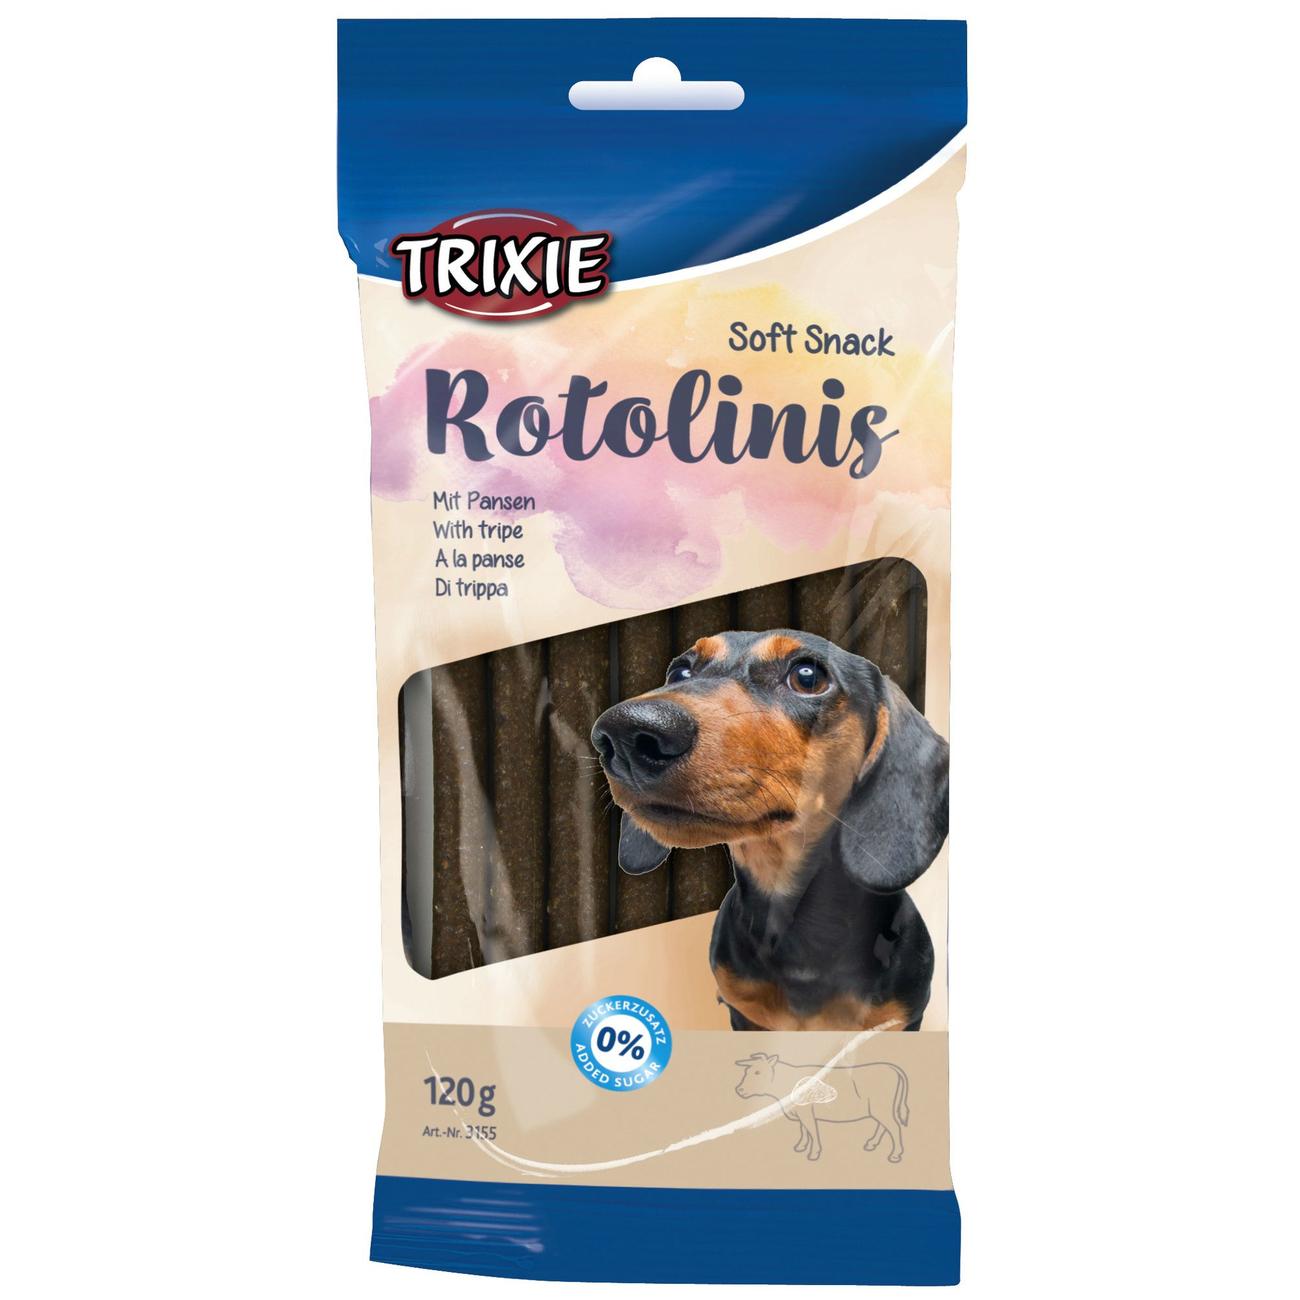 Trixie Kaustangen Hund Rotolinis, Pansen, 12 Stück, 120 g, ca. 12 cm